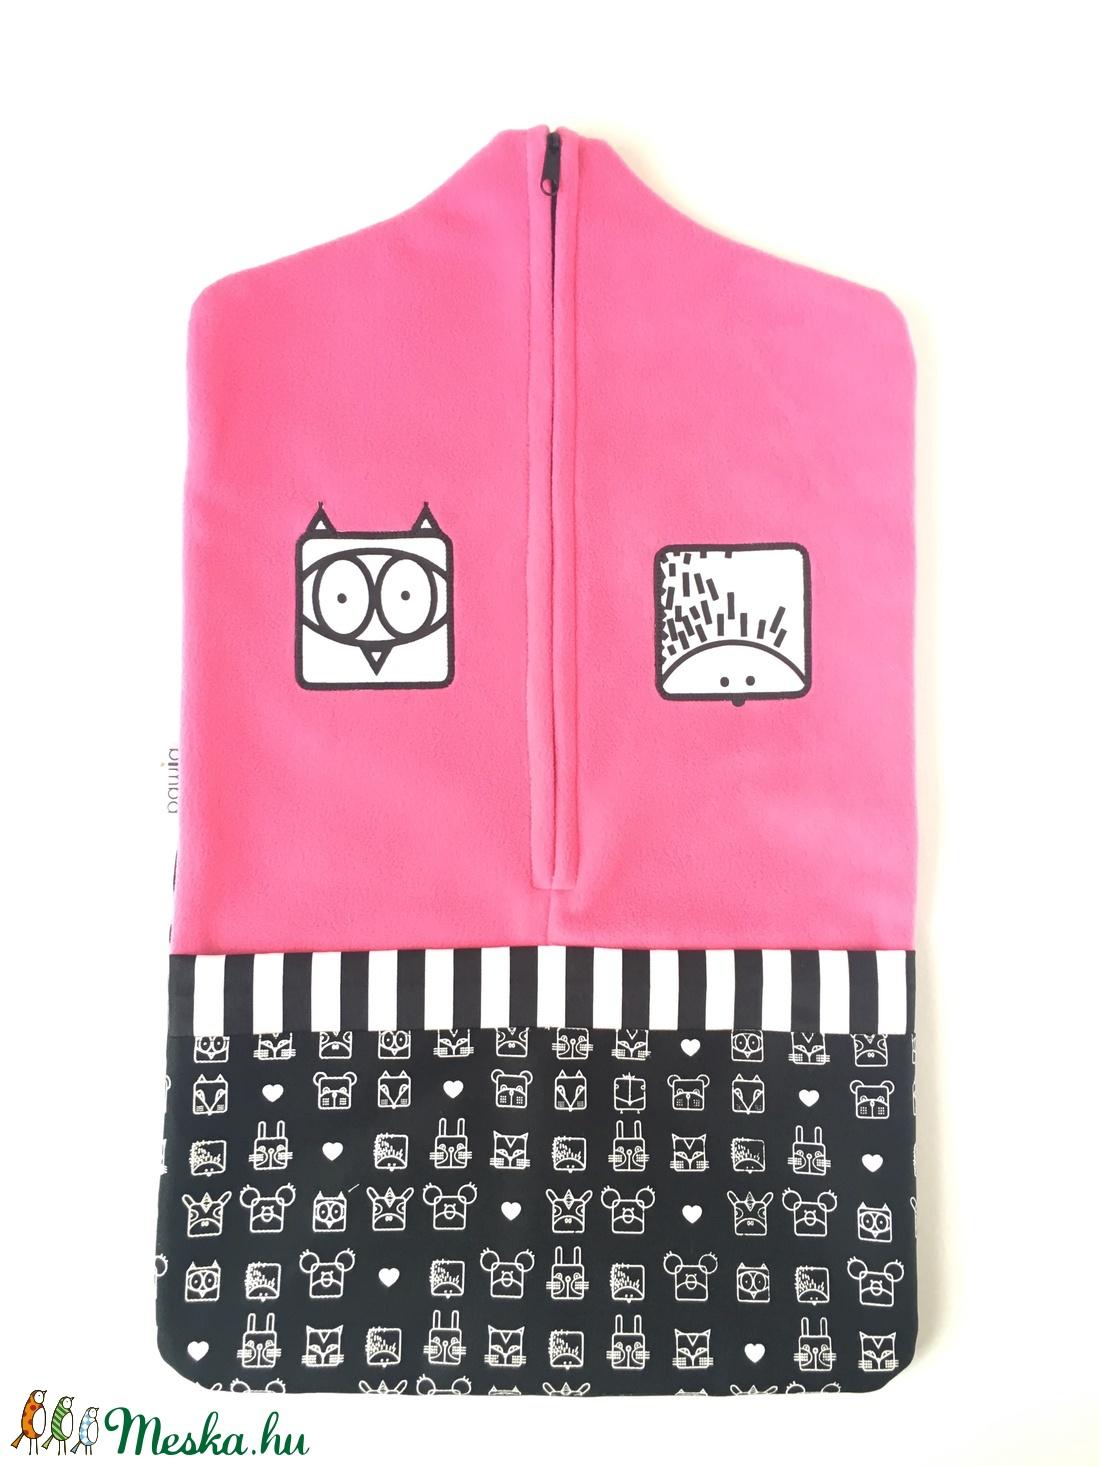 Ovis zsák, süni-bagoly duó, pink (bimbadesign) - Meska.hu